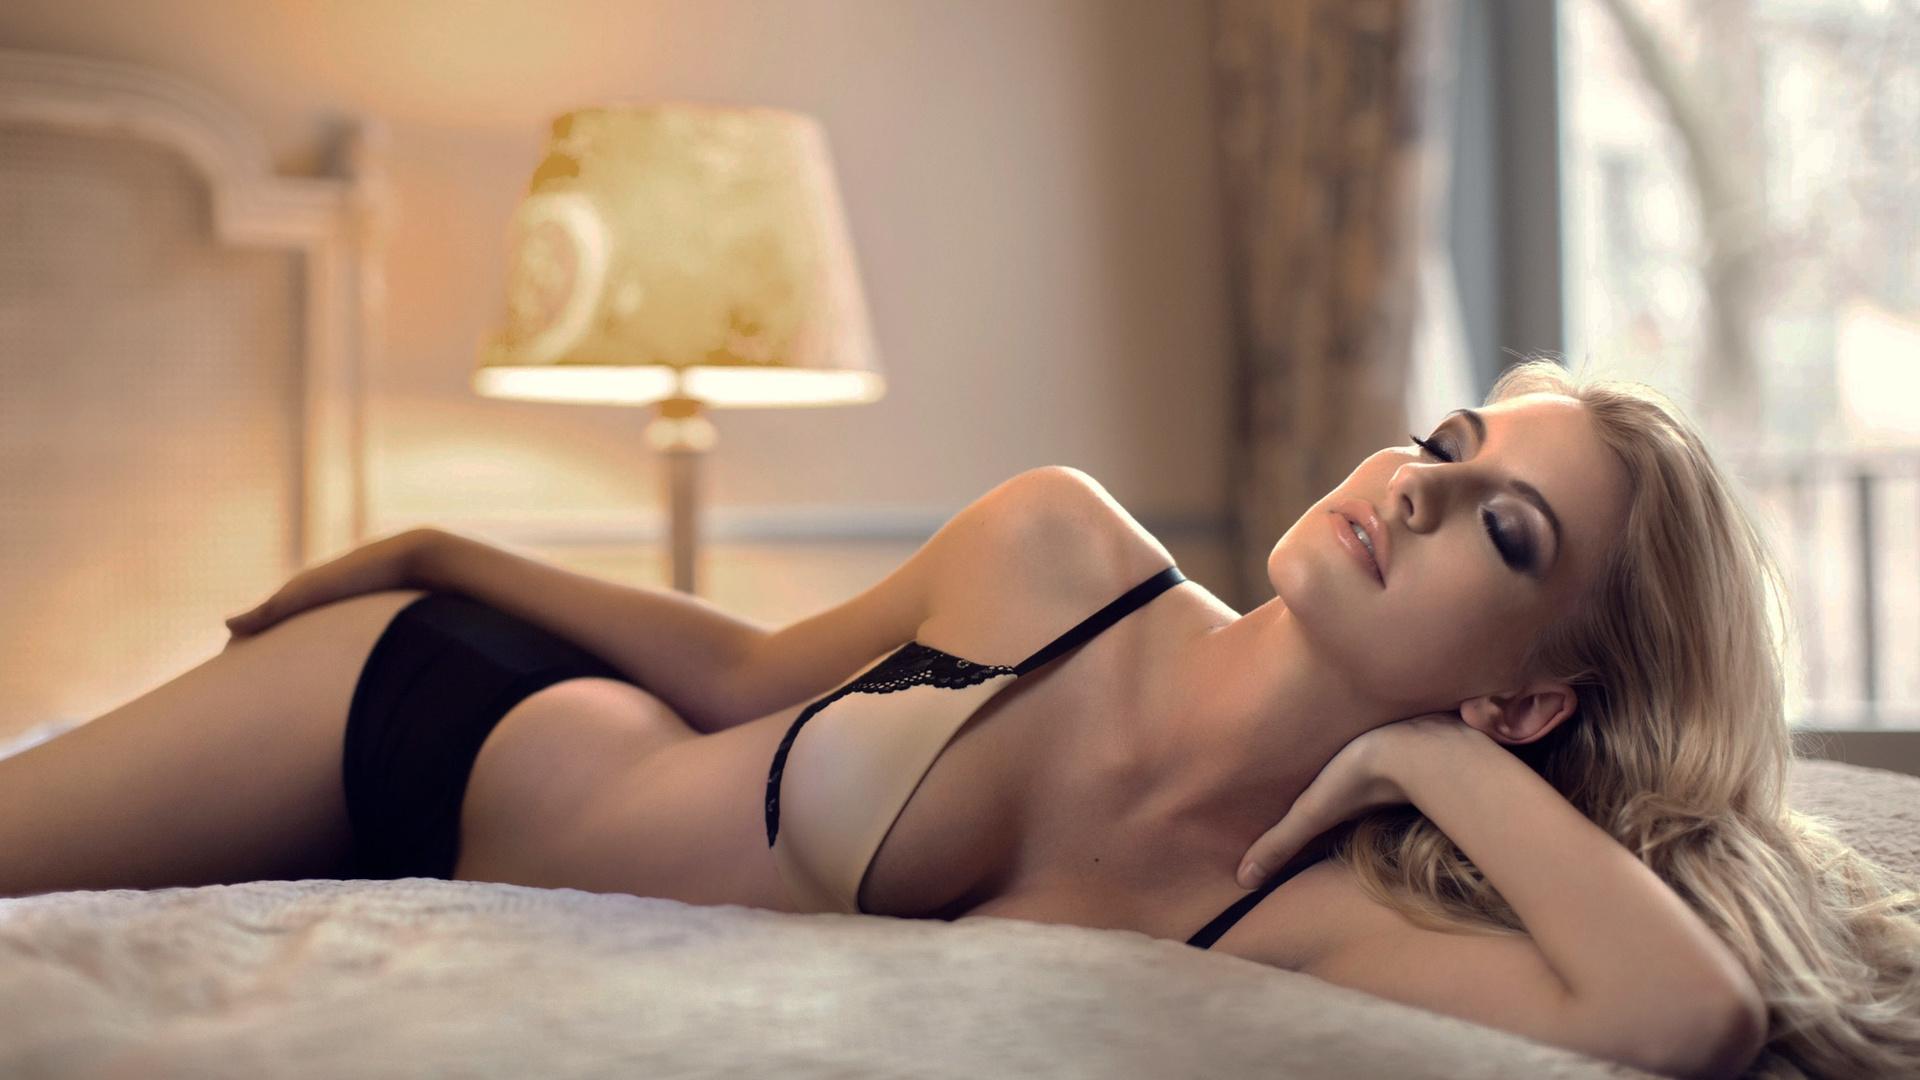 Про девушек в нижнем белье просвечиваем, Порно В красивом белье -видео. Смотреть порно 1 фотография